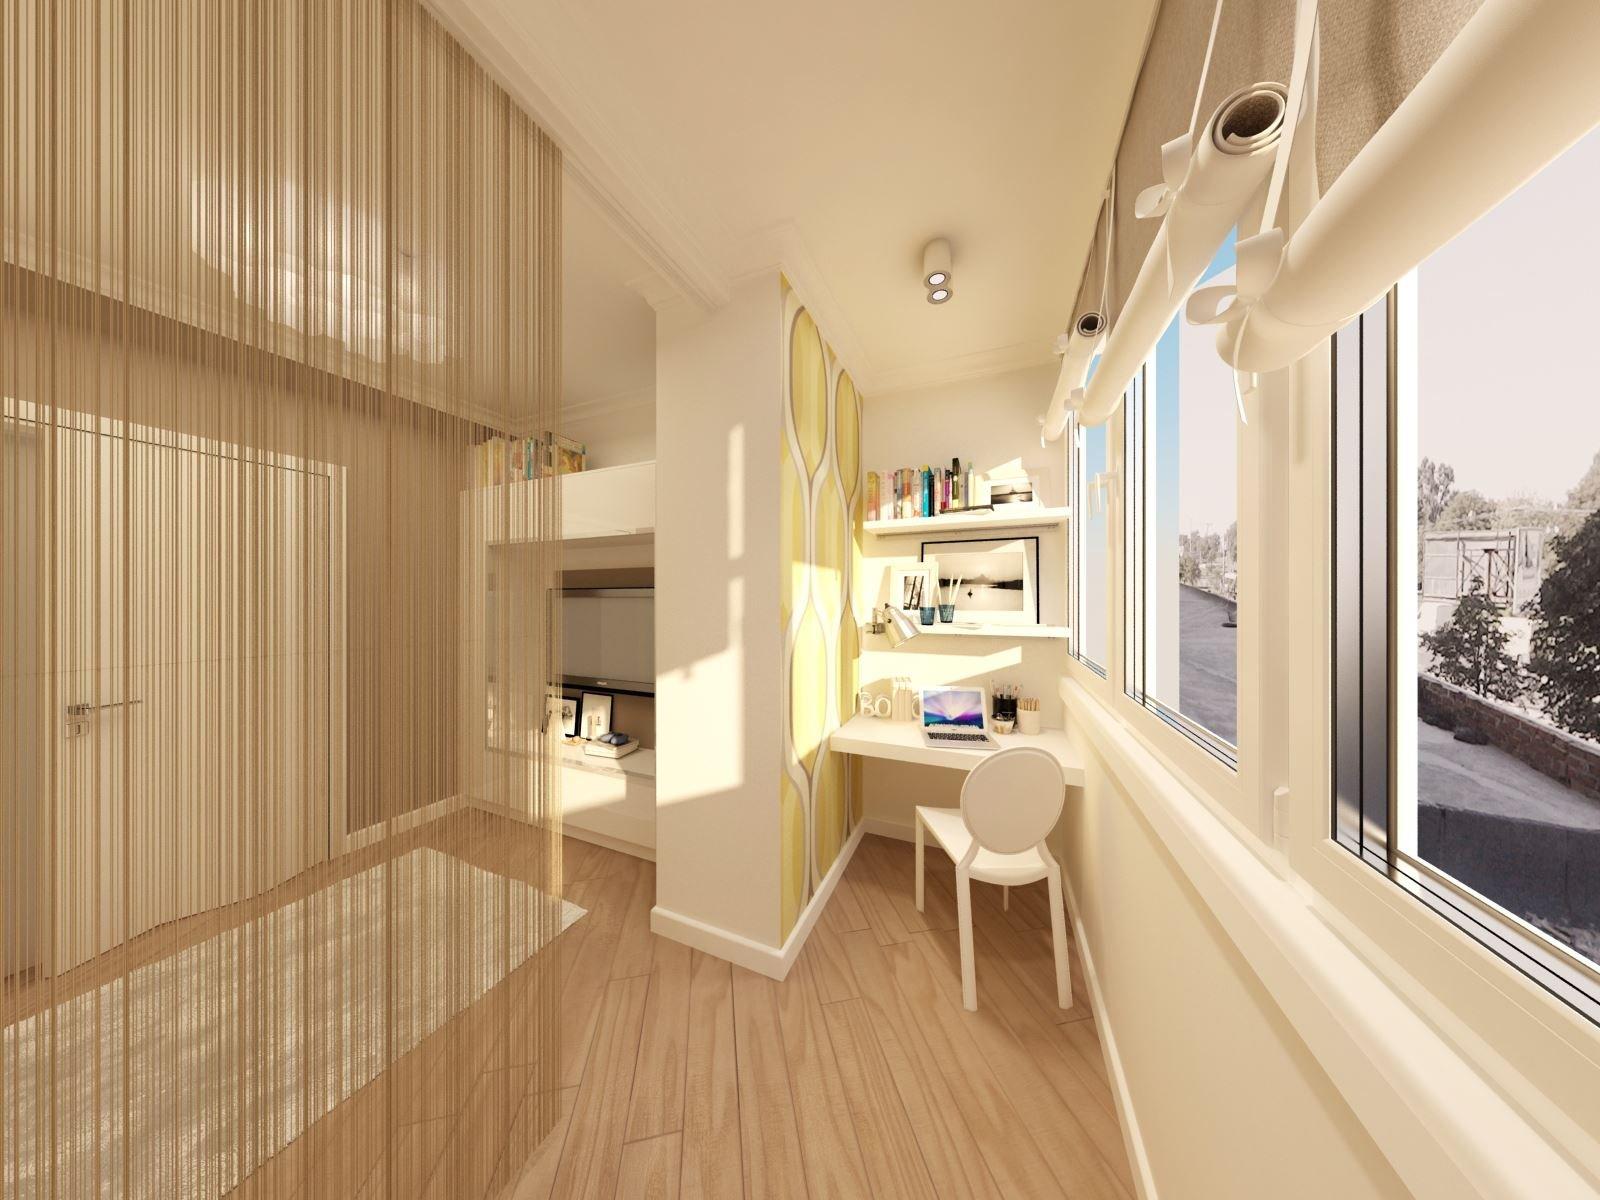 Однокомнатная квартира 36 кв м с балконом